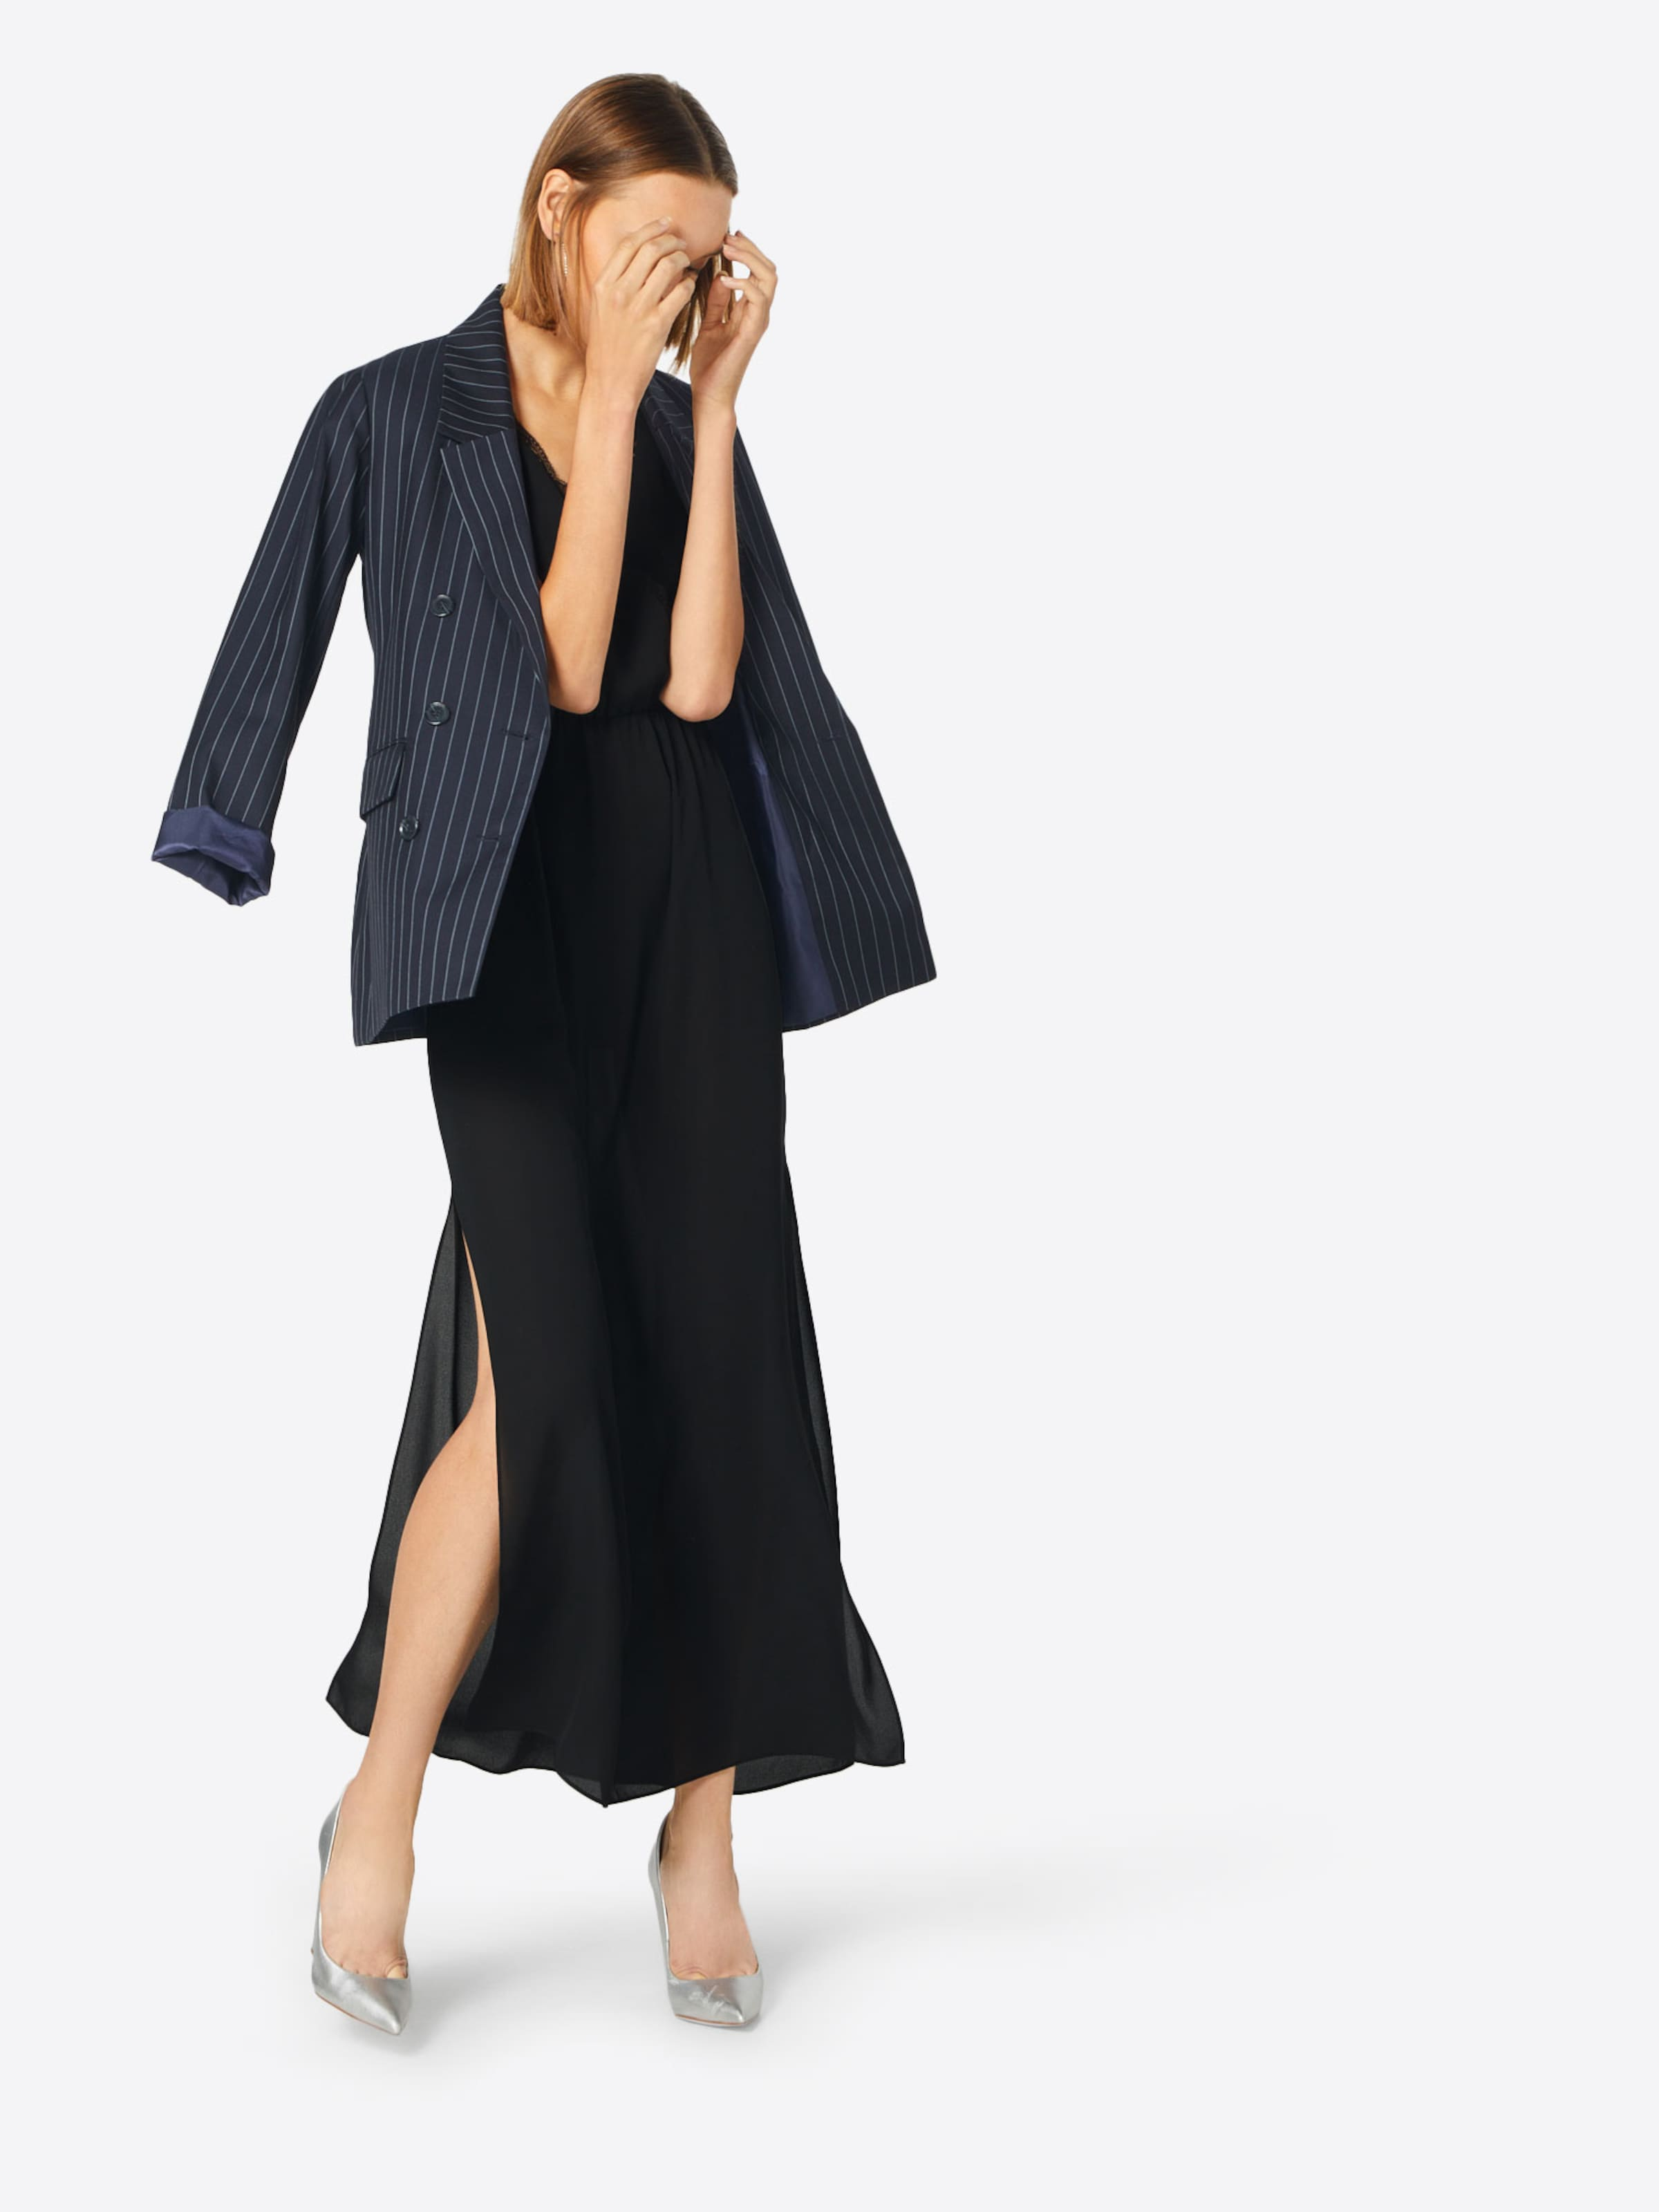 Samsoeamp; Kleid Schwarz Kleid Schwarz In In Samsoeamp; Kleid In Schwarz Samsoeamp; Samsoeamp; Y6gyvfbI7